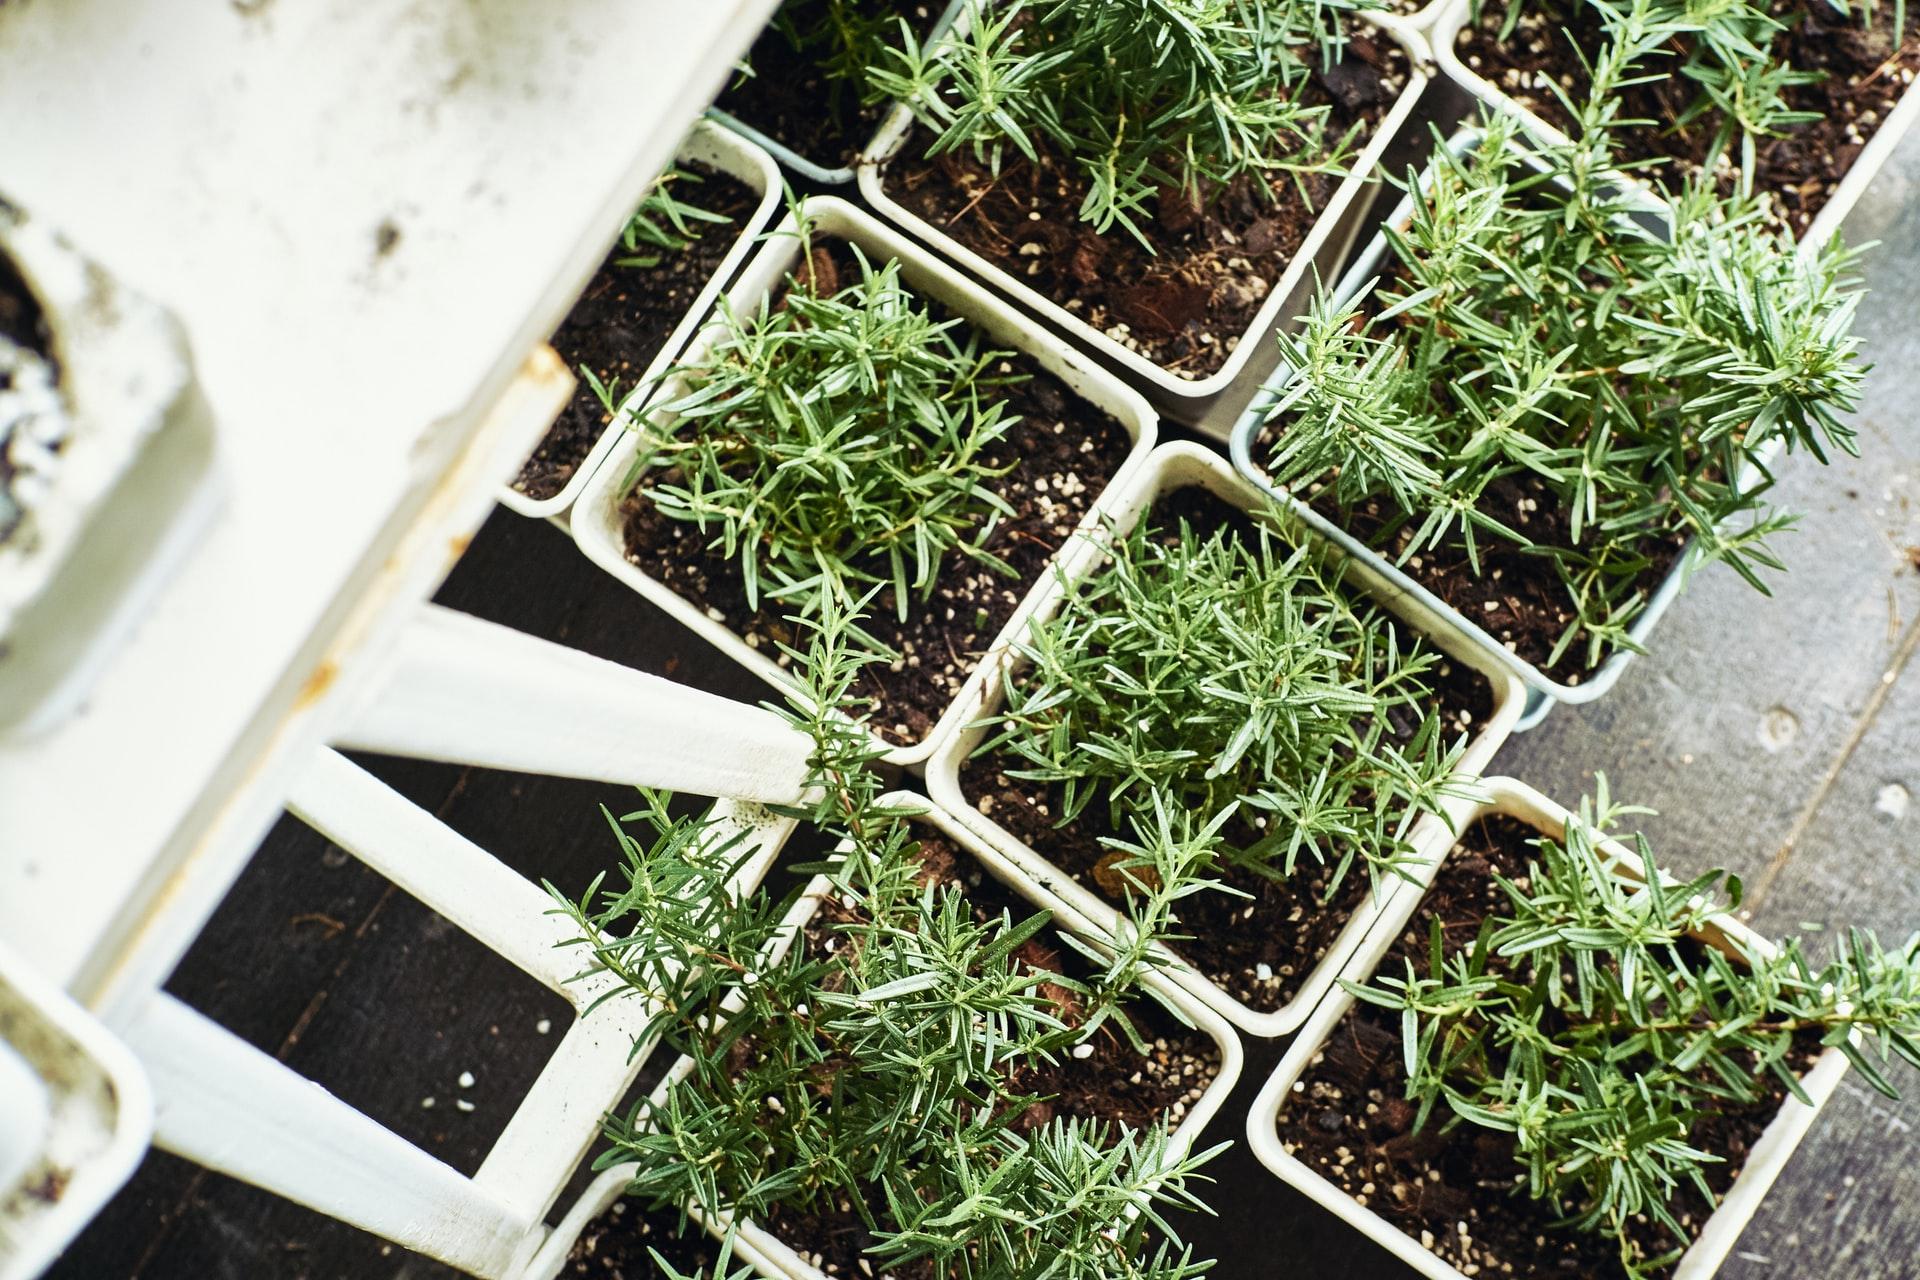 Milujete bylinky? Prozradíme, co je bylinková spirála a jak na pěstování bylinek v květináčích